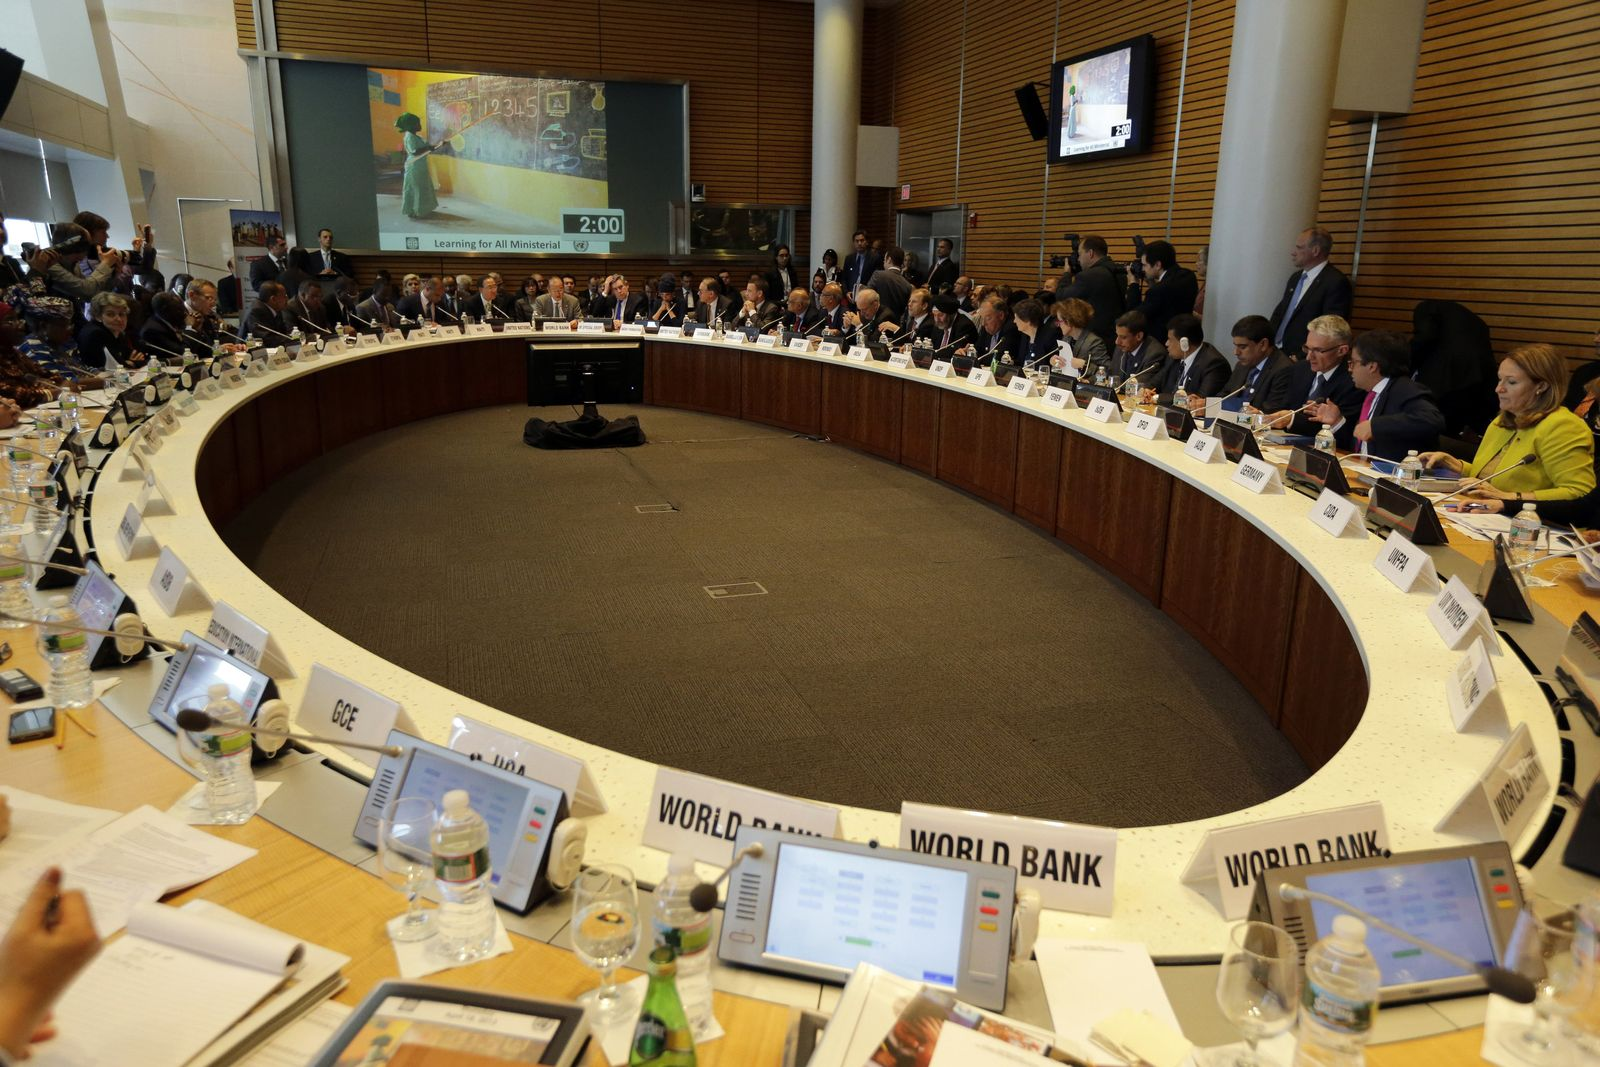 Weltbank / Washington